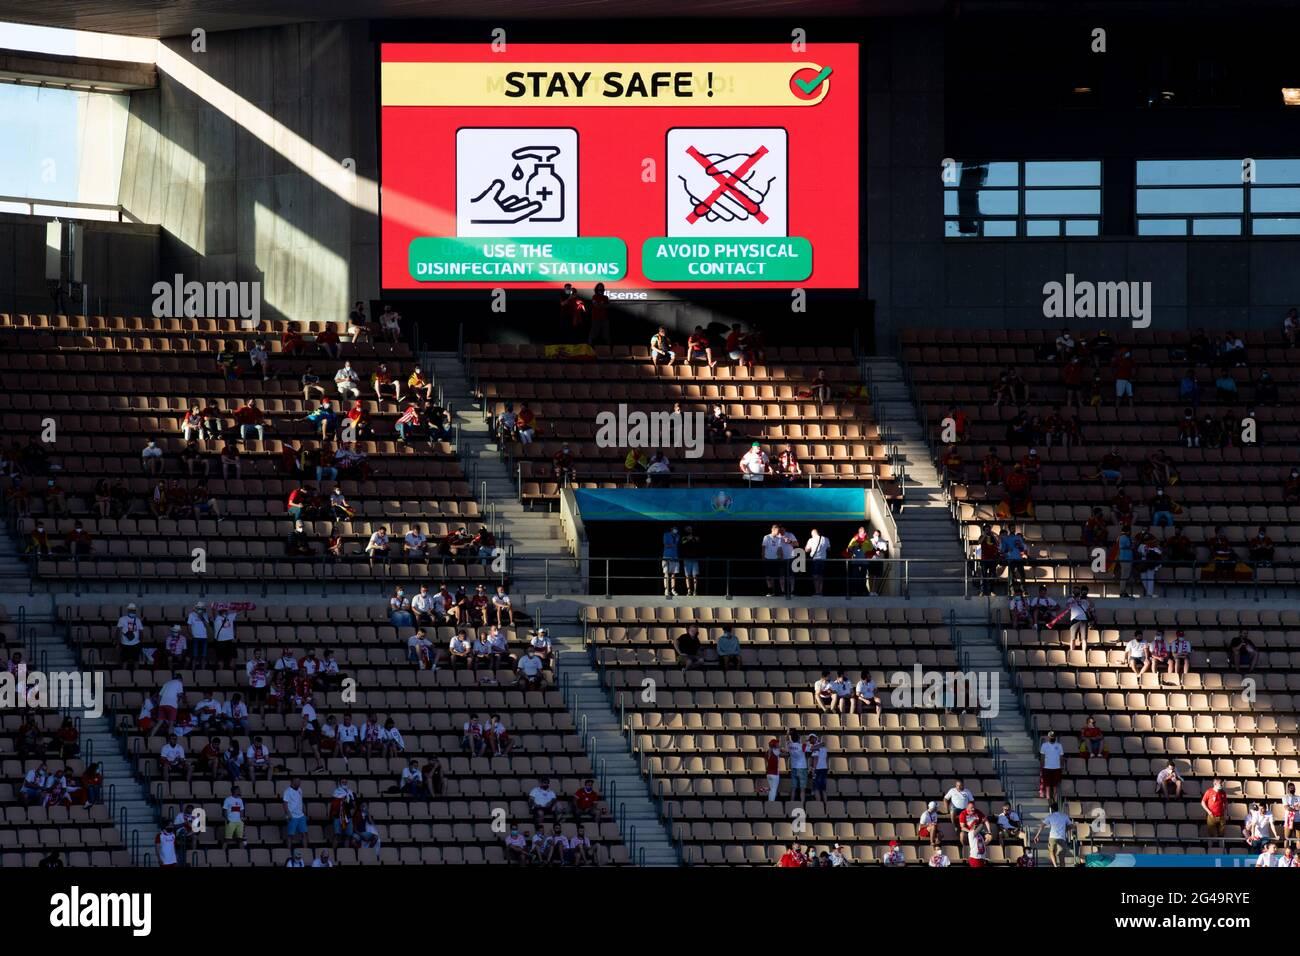 Sevilla, Spanien. Juni 2021. Der Bildschirm Stay Safe ist während des Spiels der Gruppe E zwischen Spanien und Polen bei der UEFA Euro 2020 in Sevilla, Spanien, am 19. Juni 2021 zu sehen. Quelle: Meng Dingbo/Xinhua/Alamy Live News Stockfoto